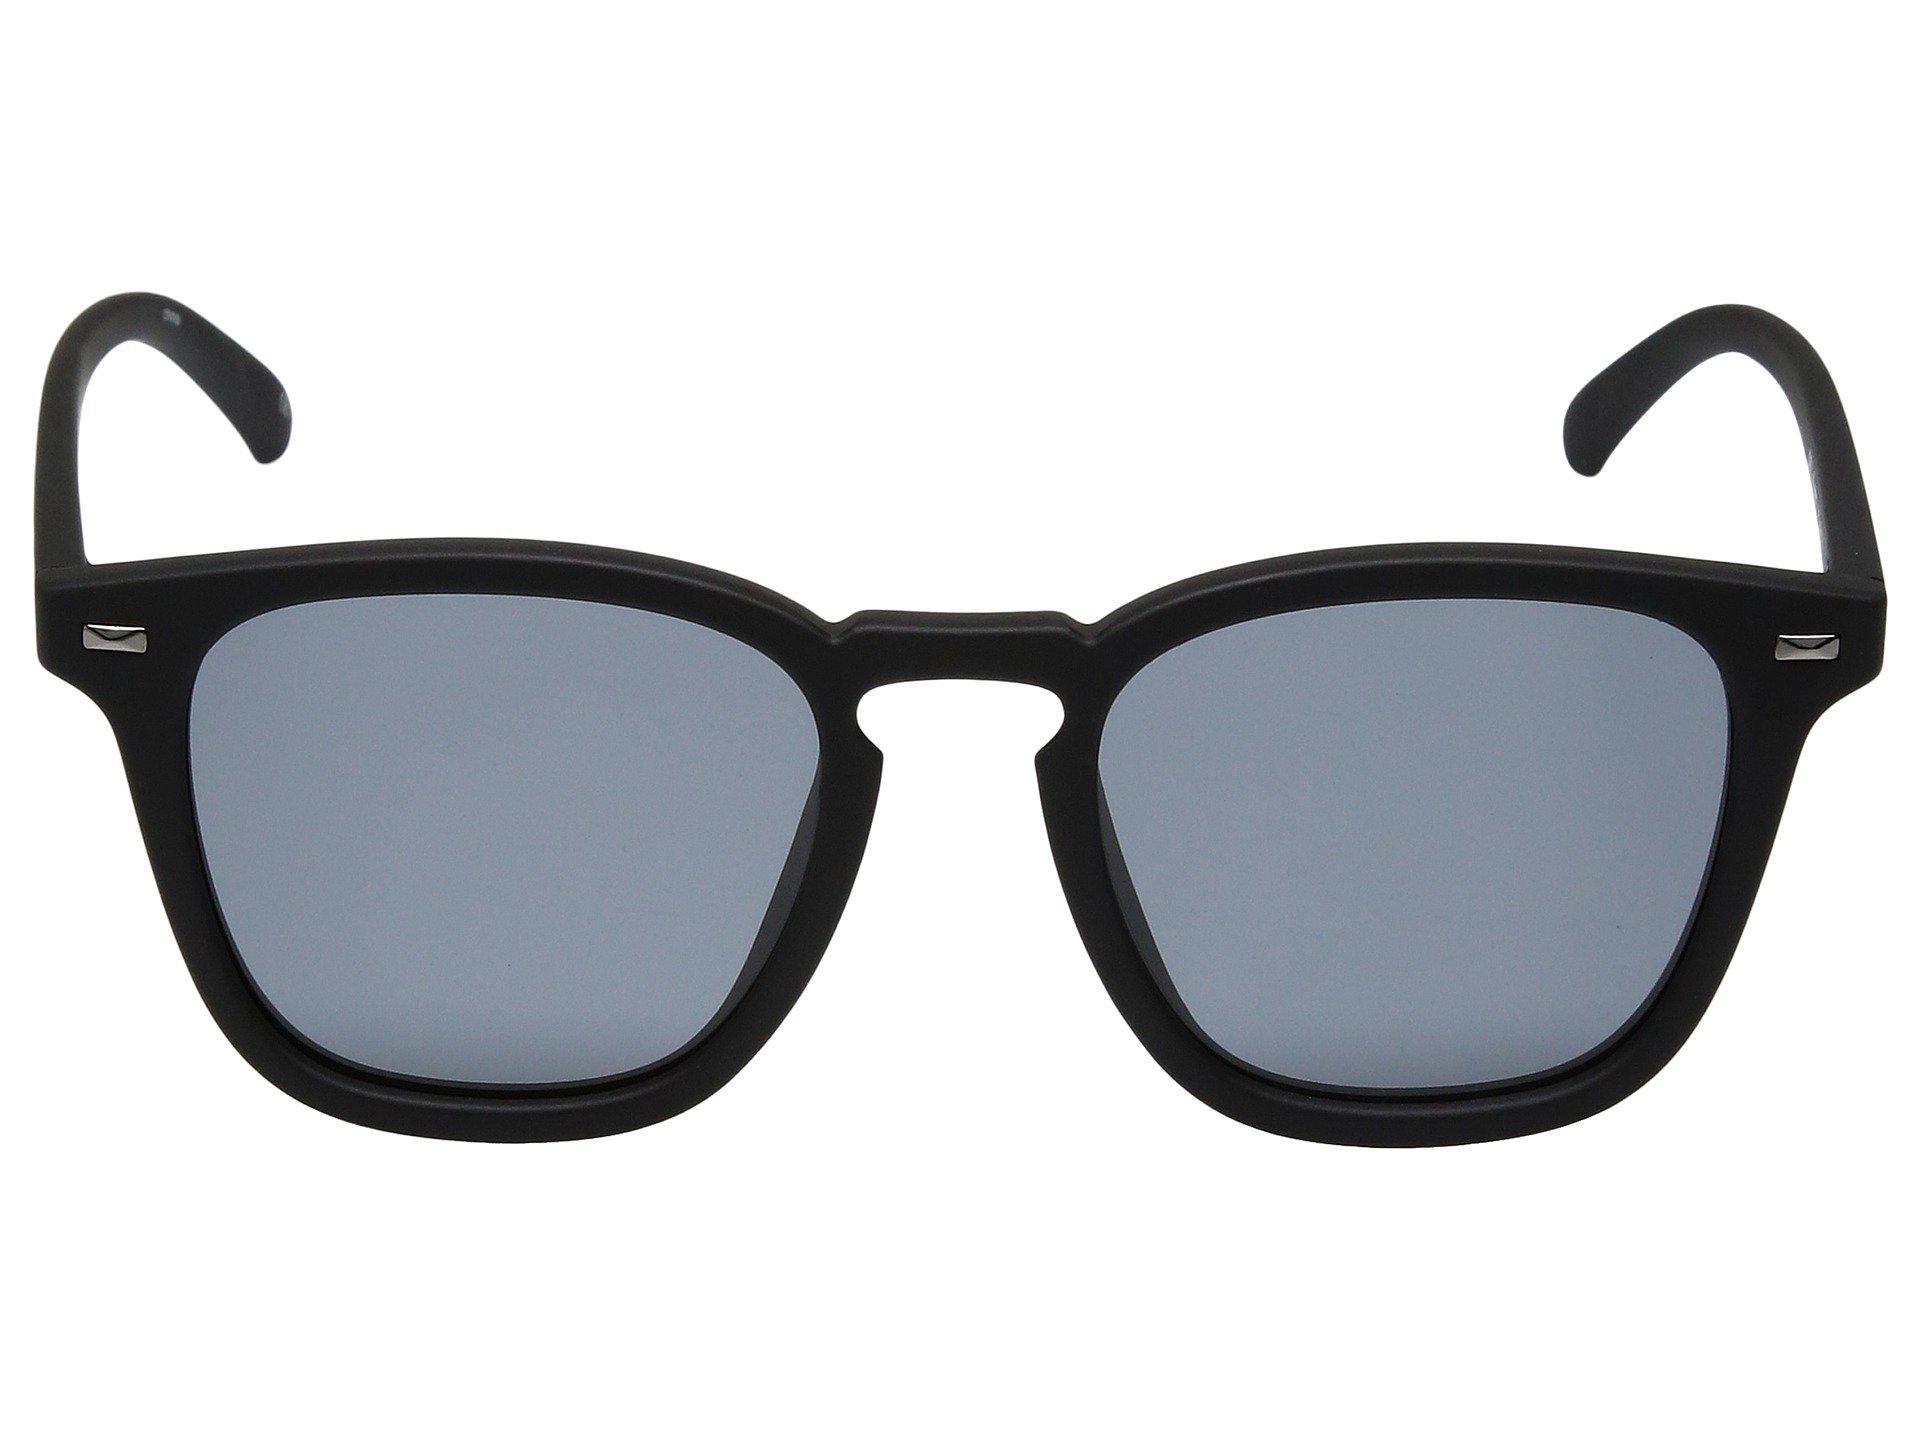 e19071dfaa Le Specs - No Biggie (black Rubber) Fashion Sunglasses for Men - Lyst. View  fullscreen